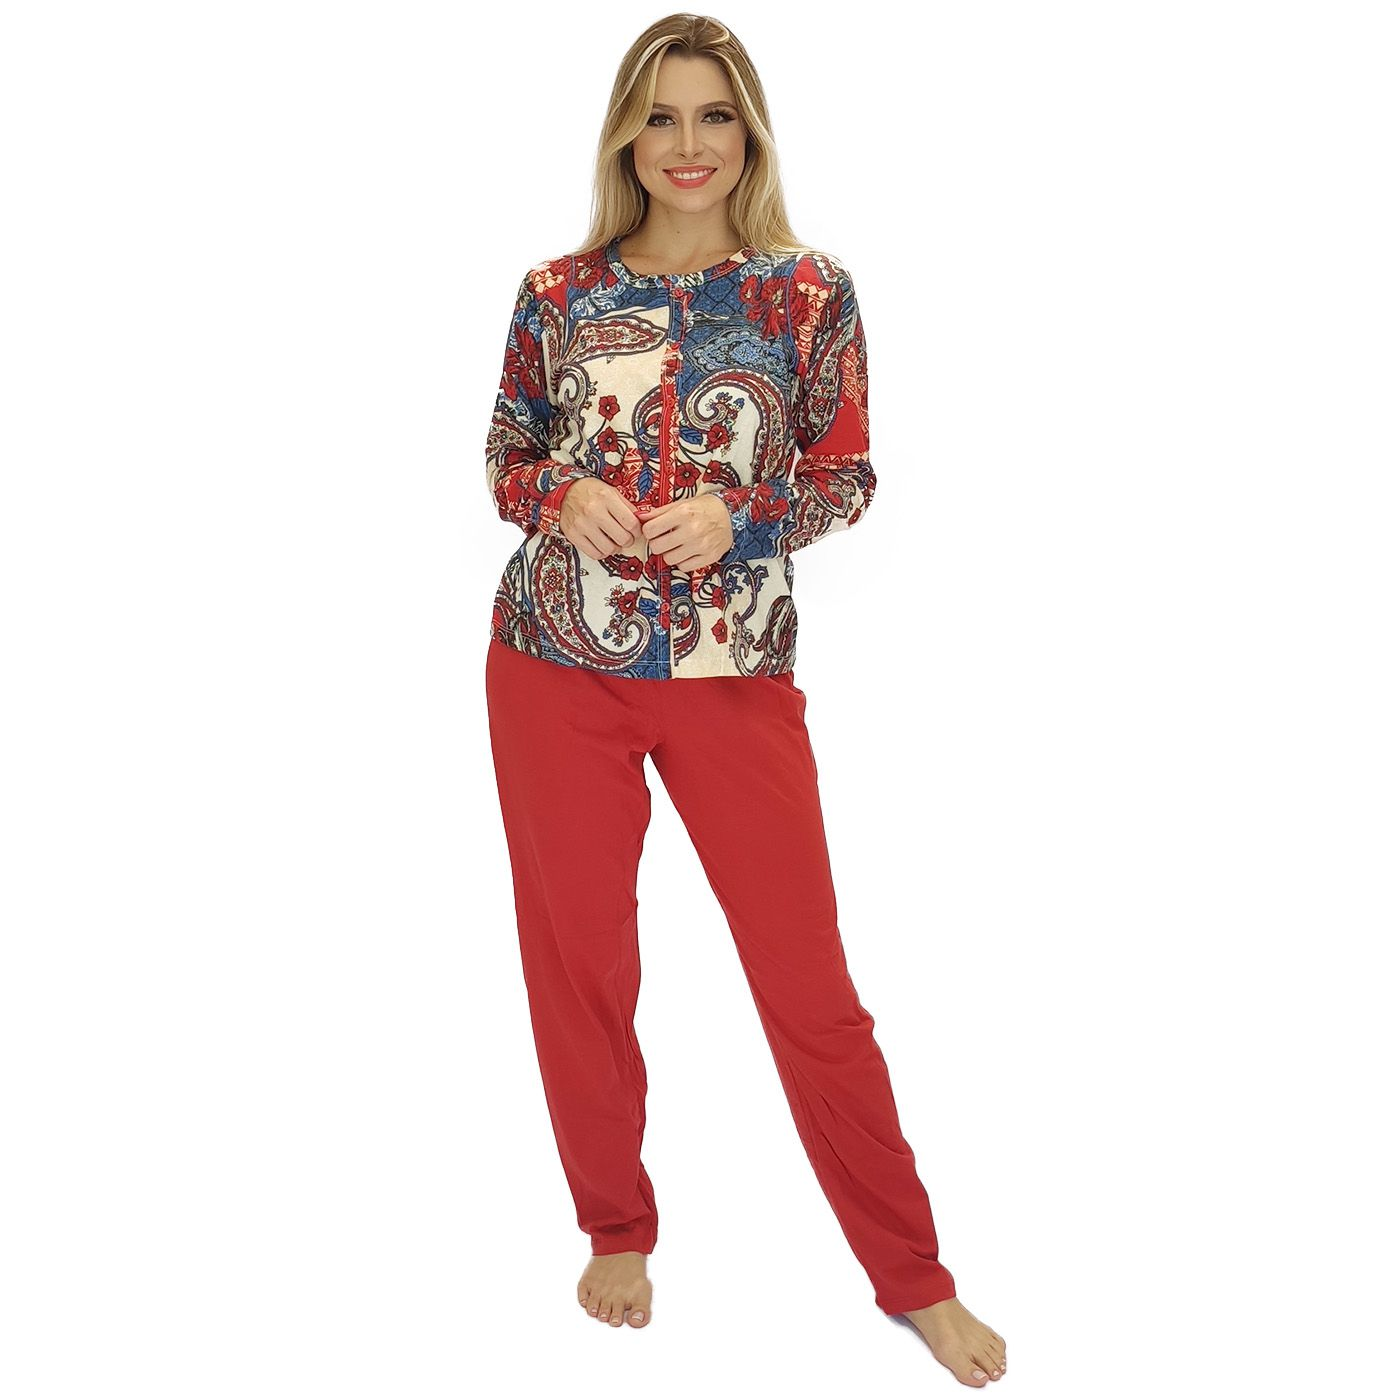 Pijama feminino adulto frio blusa de botão algodão